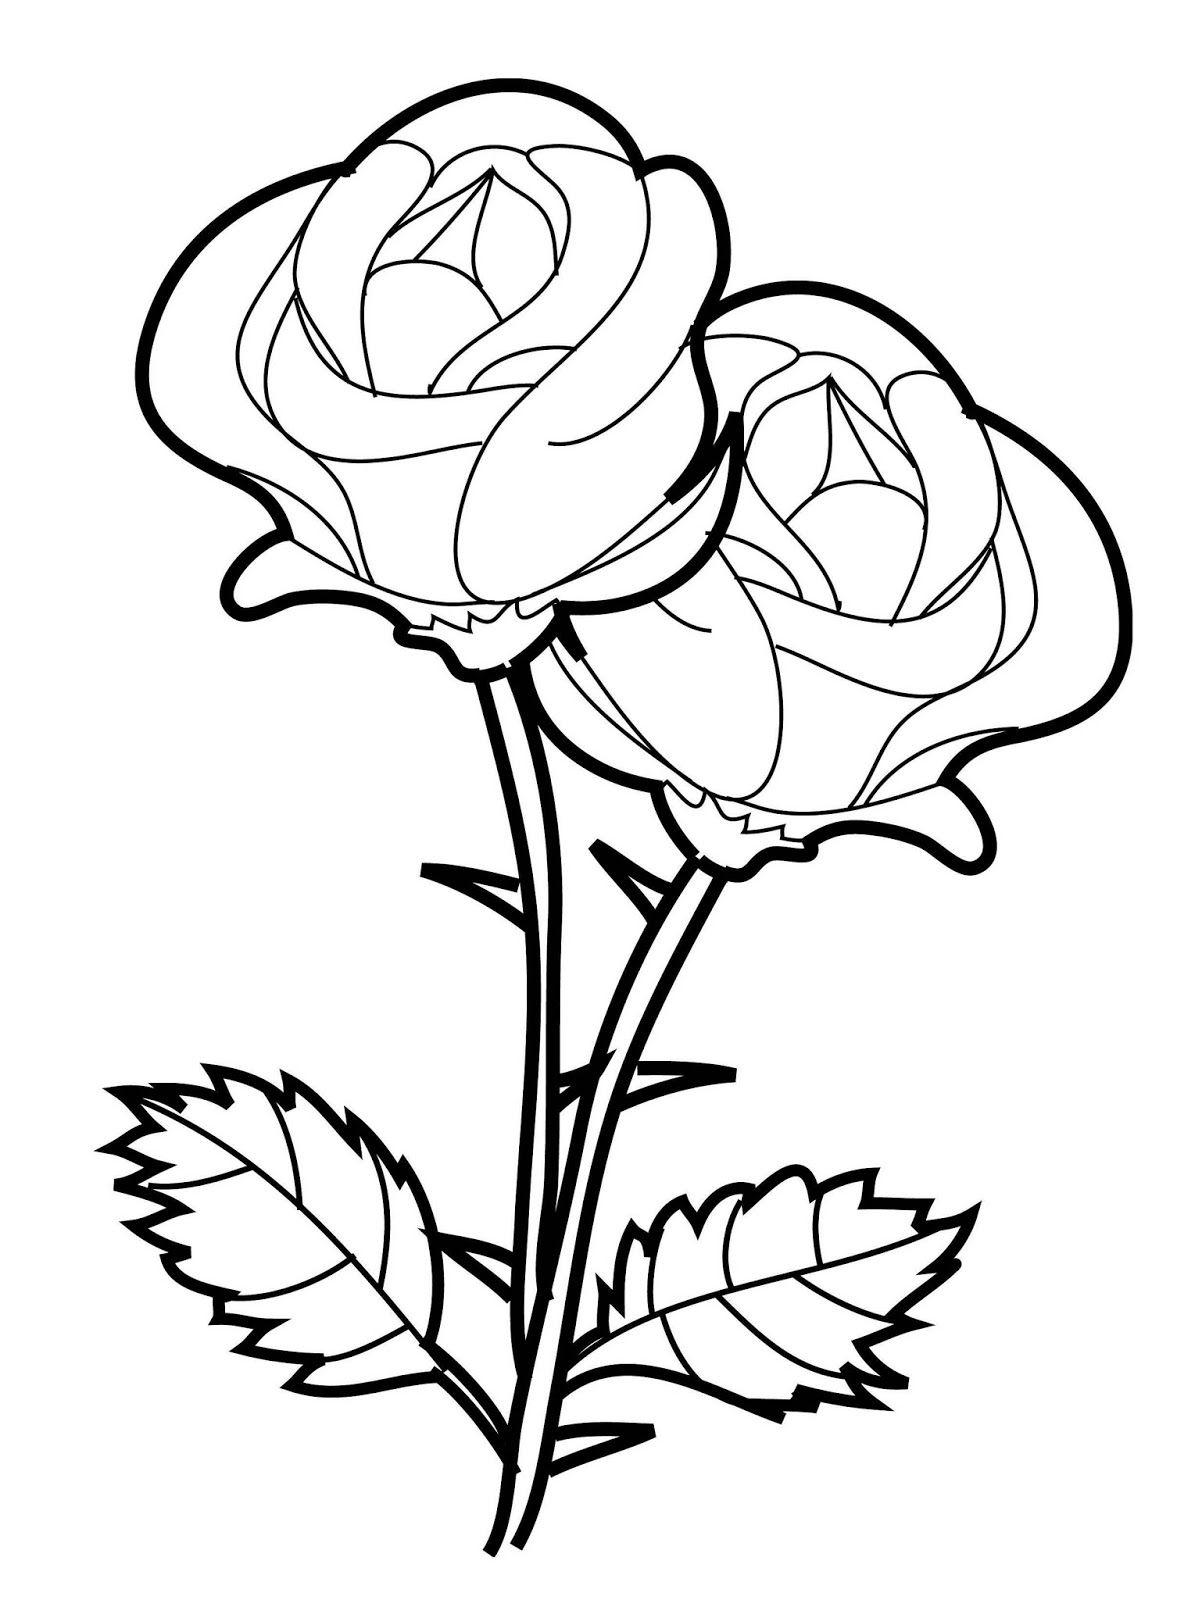 Resultados de la búsqueda de imágenes: dibujos de rosas - Yahoo ...